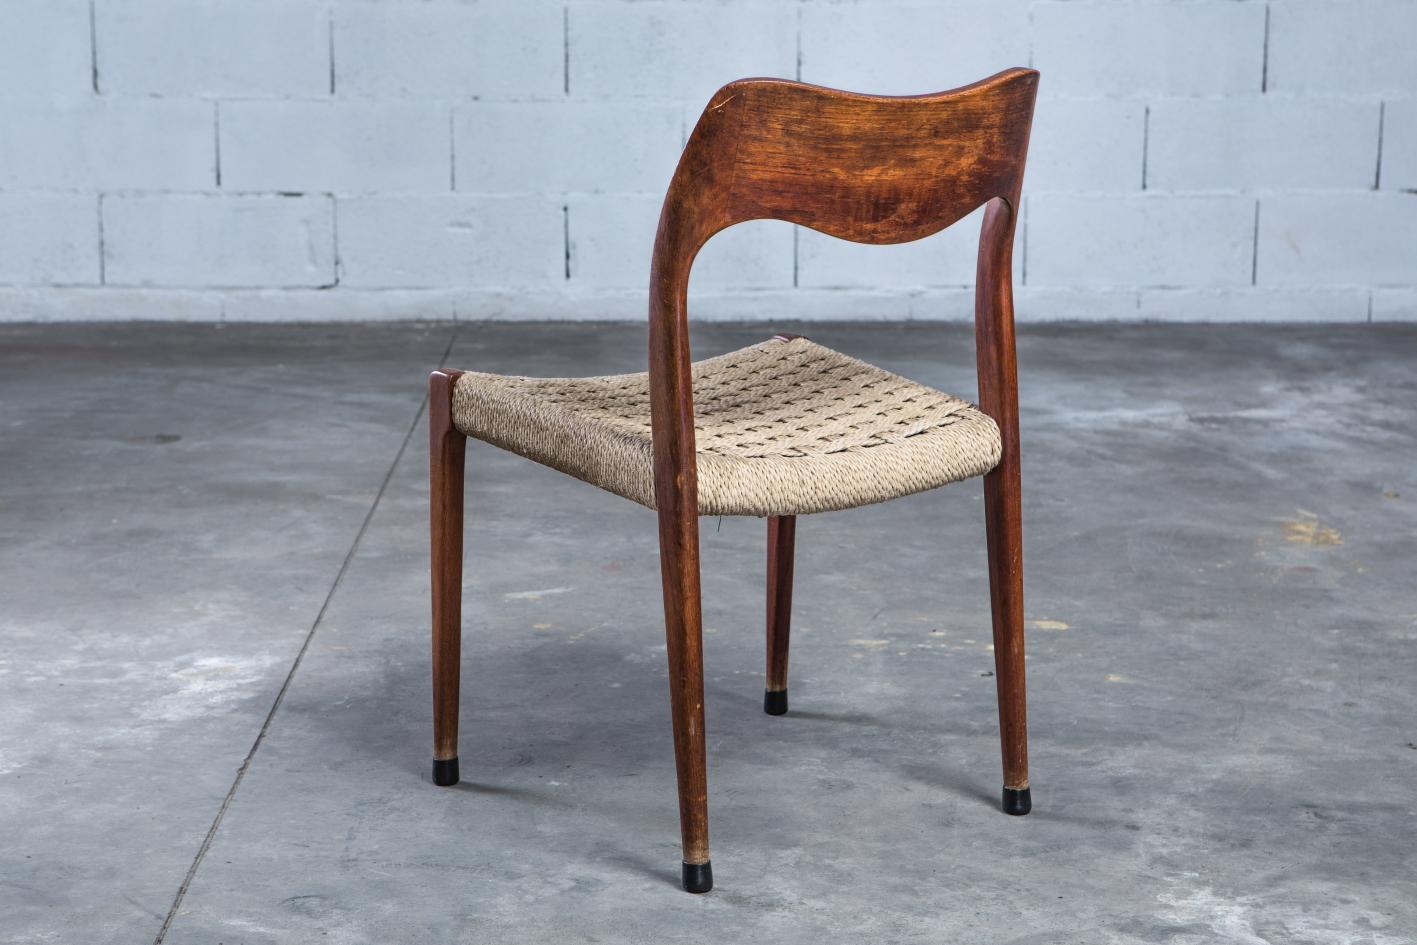 Model 71 teak chairs - Niels O. Møller for J.L. Møller - 3/4 back view